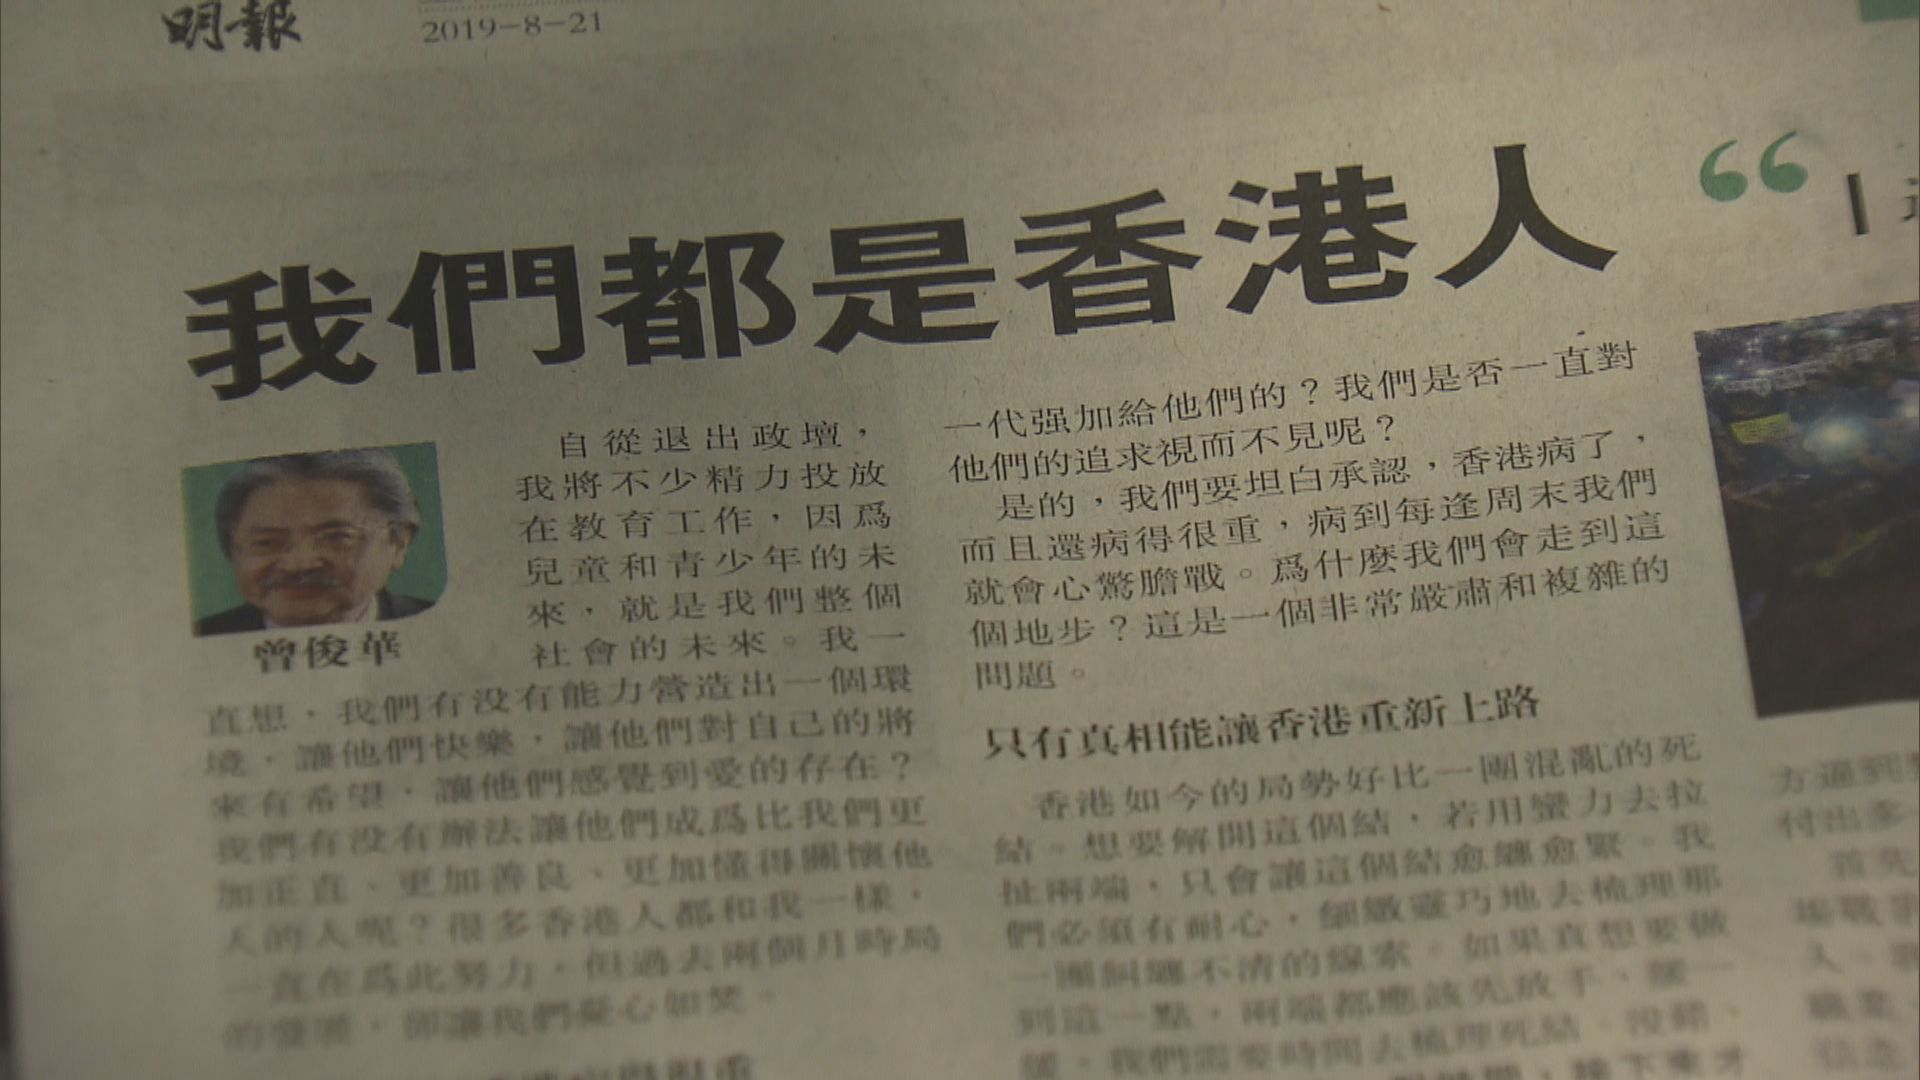 曾俊華:若香港人是一家人就可能寬恕與和解